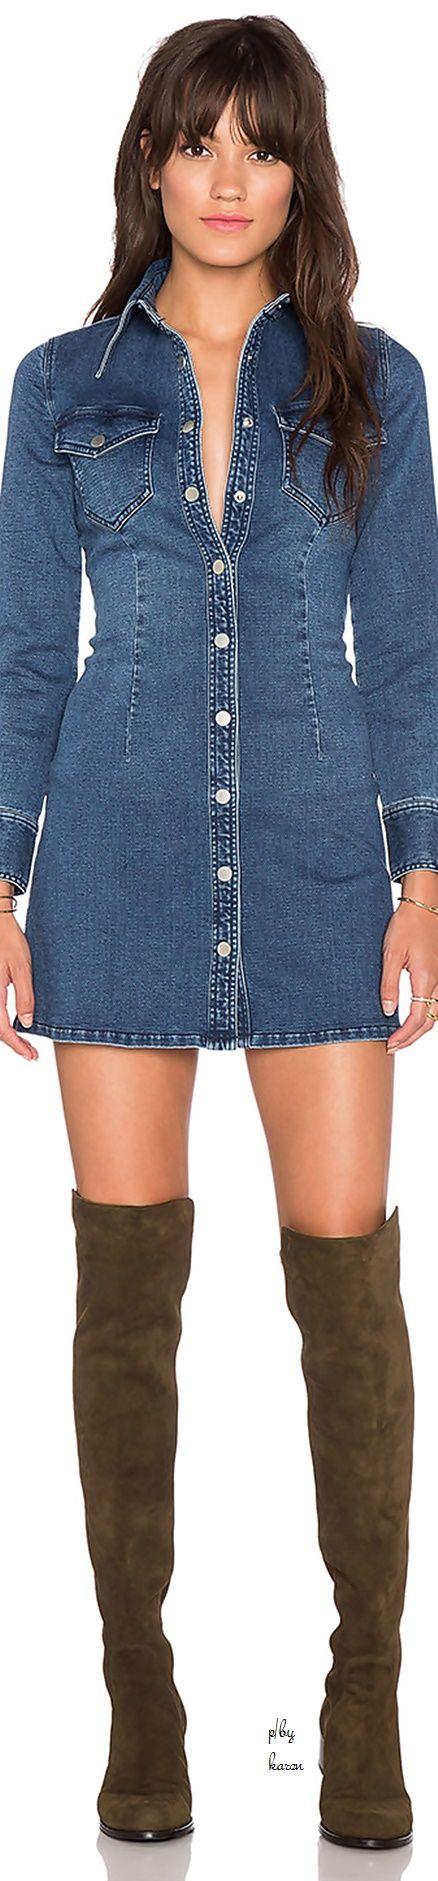 Revolve Clothing shirt dress #UNIQUE_WOMENS_FASHION